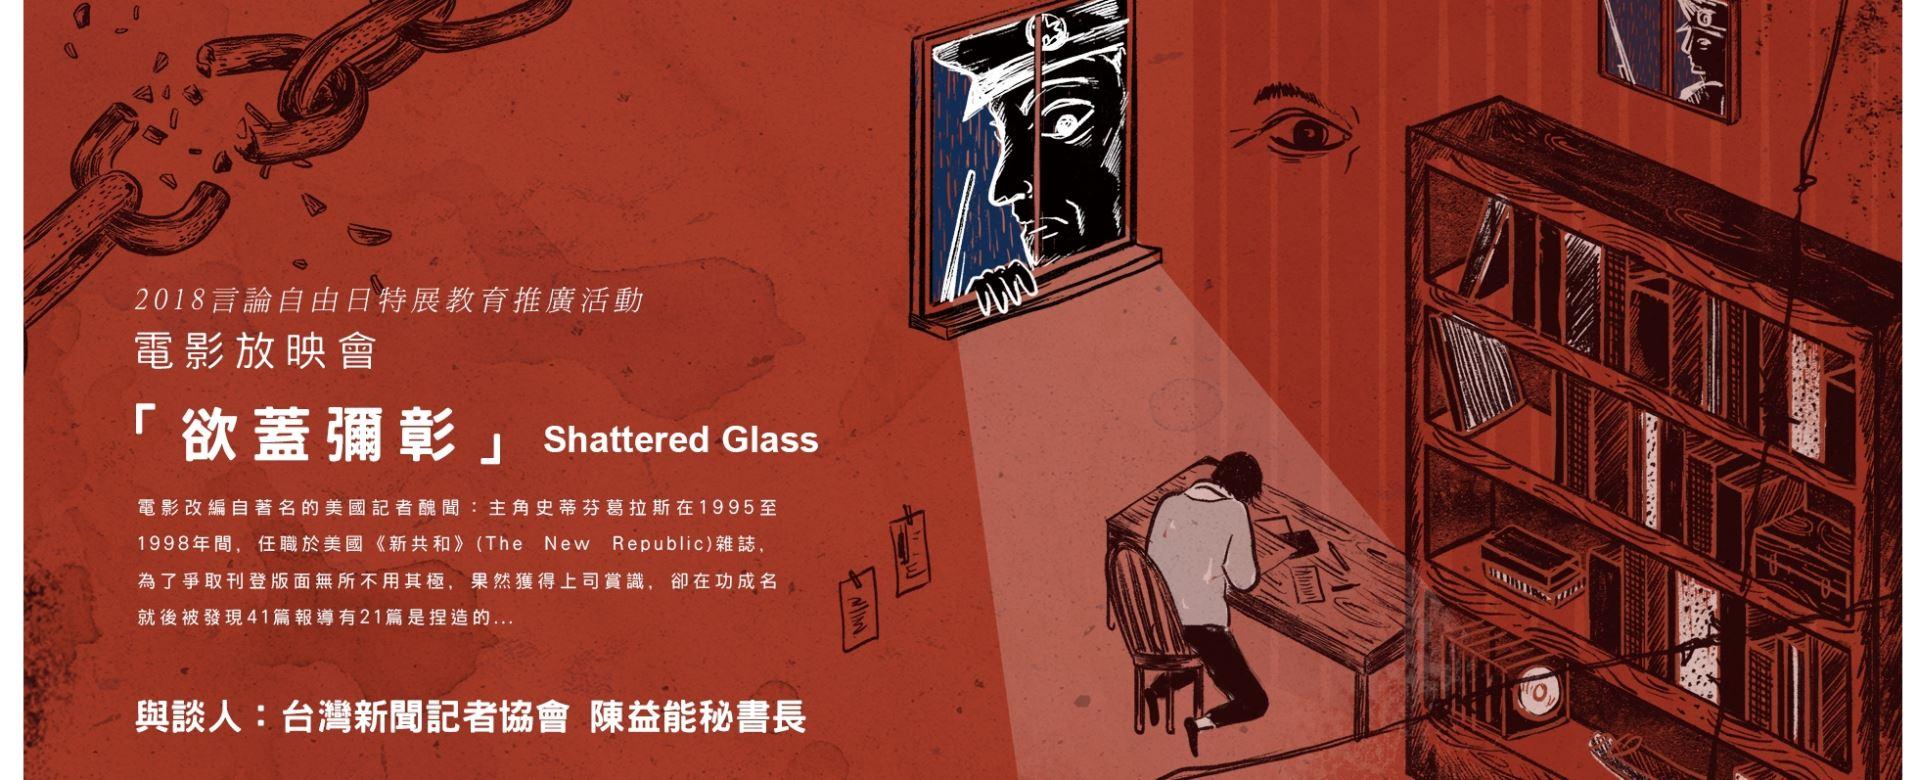 《欲蓋彌彰》(Shattered Glass)電影放映暨映後座談[另開新視窗]